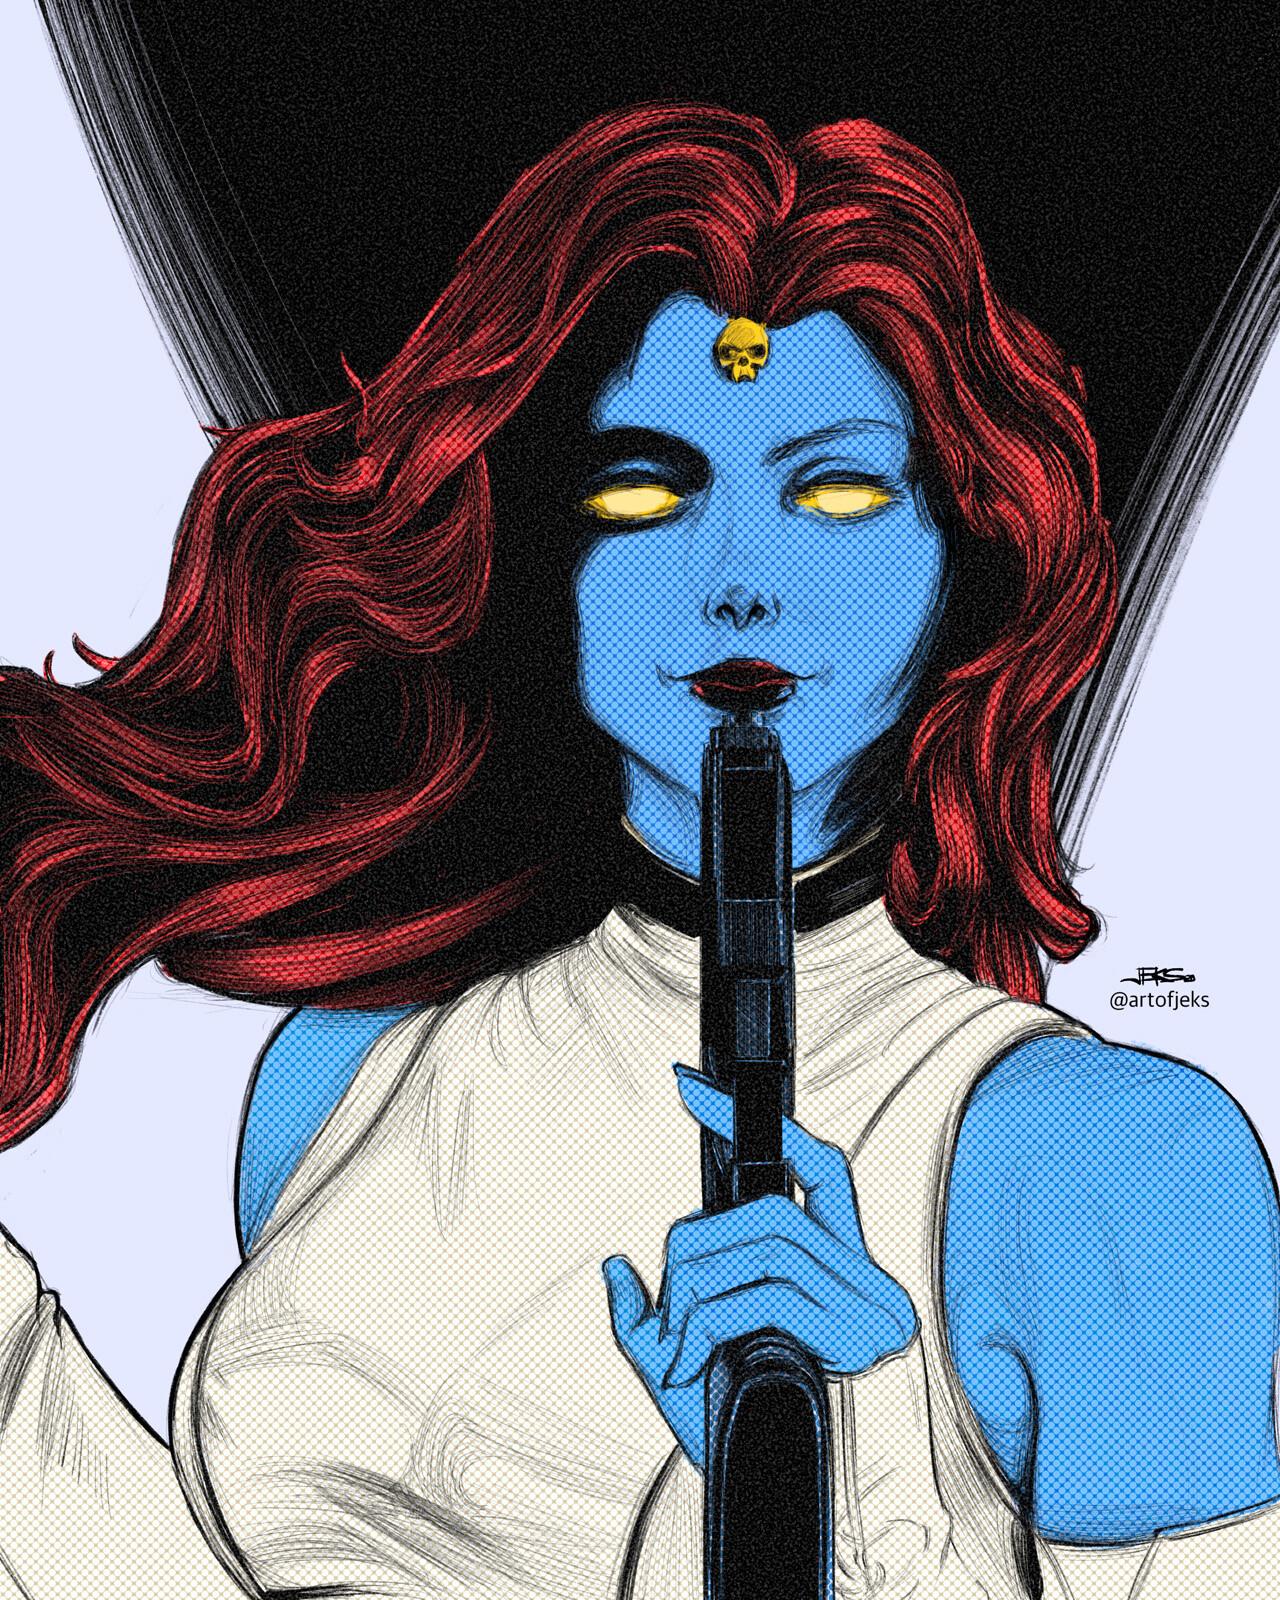 15 - Mystique of X-Men (Marvel Comics)